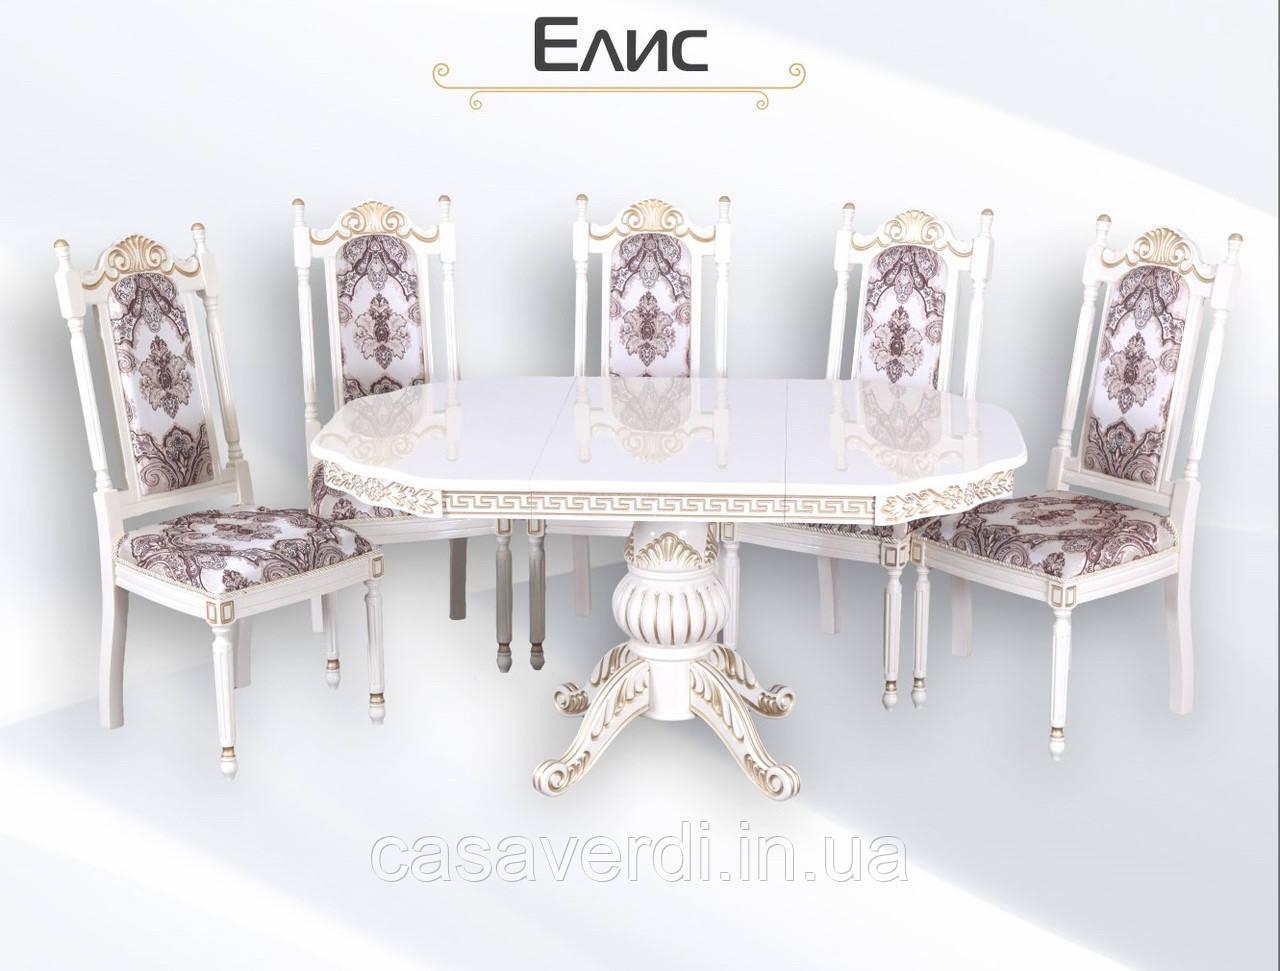 Комплект стол Елис раскладной 100+40х100см  + стулья Фараон 5шт